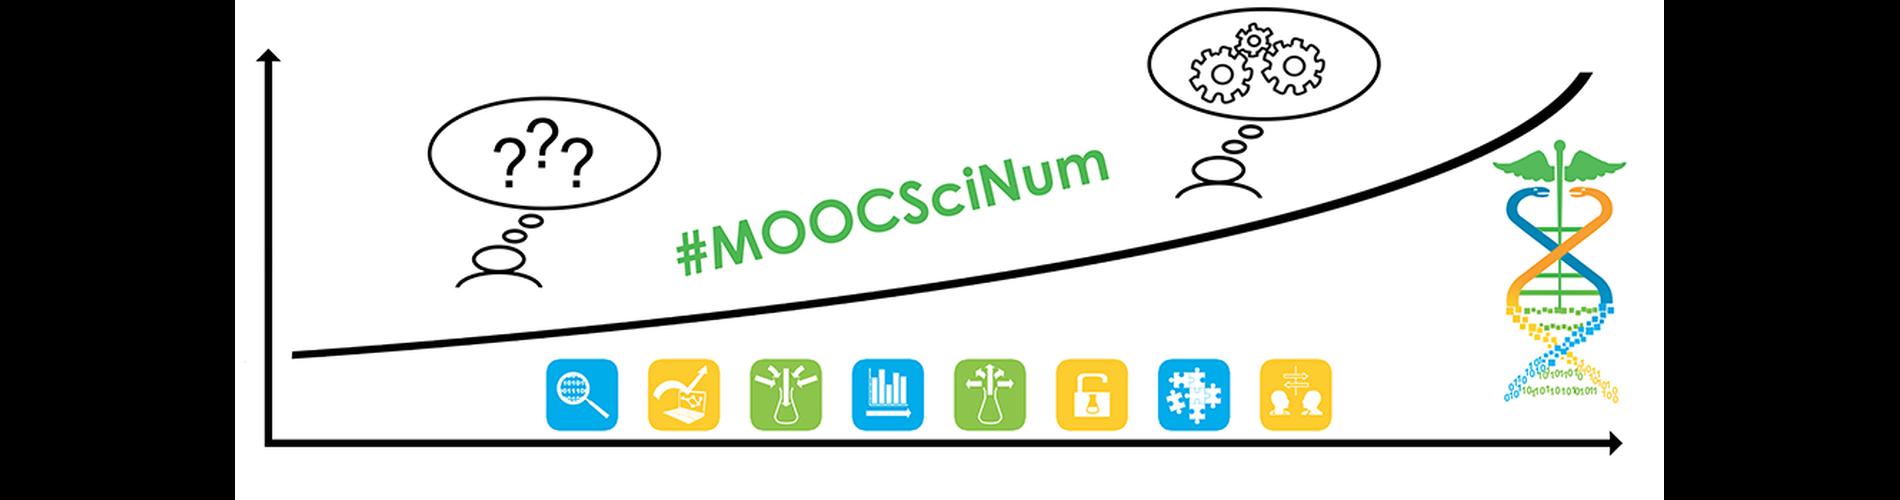 MOOCSciNum feature image